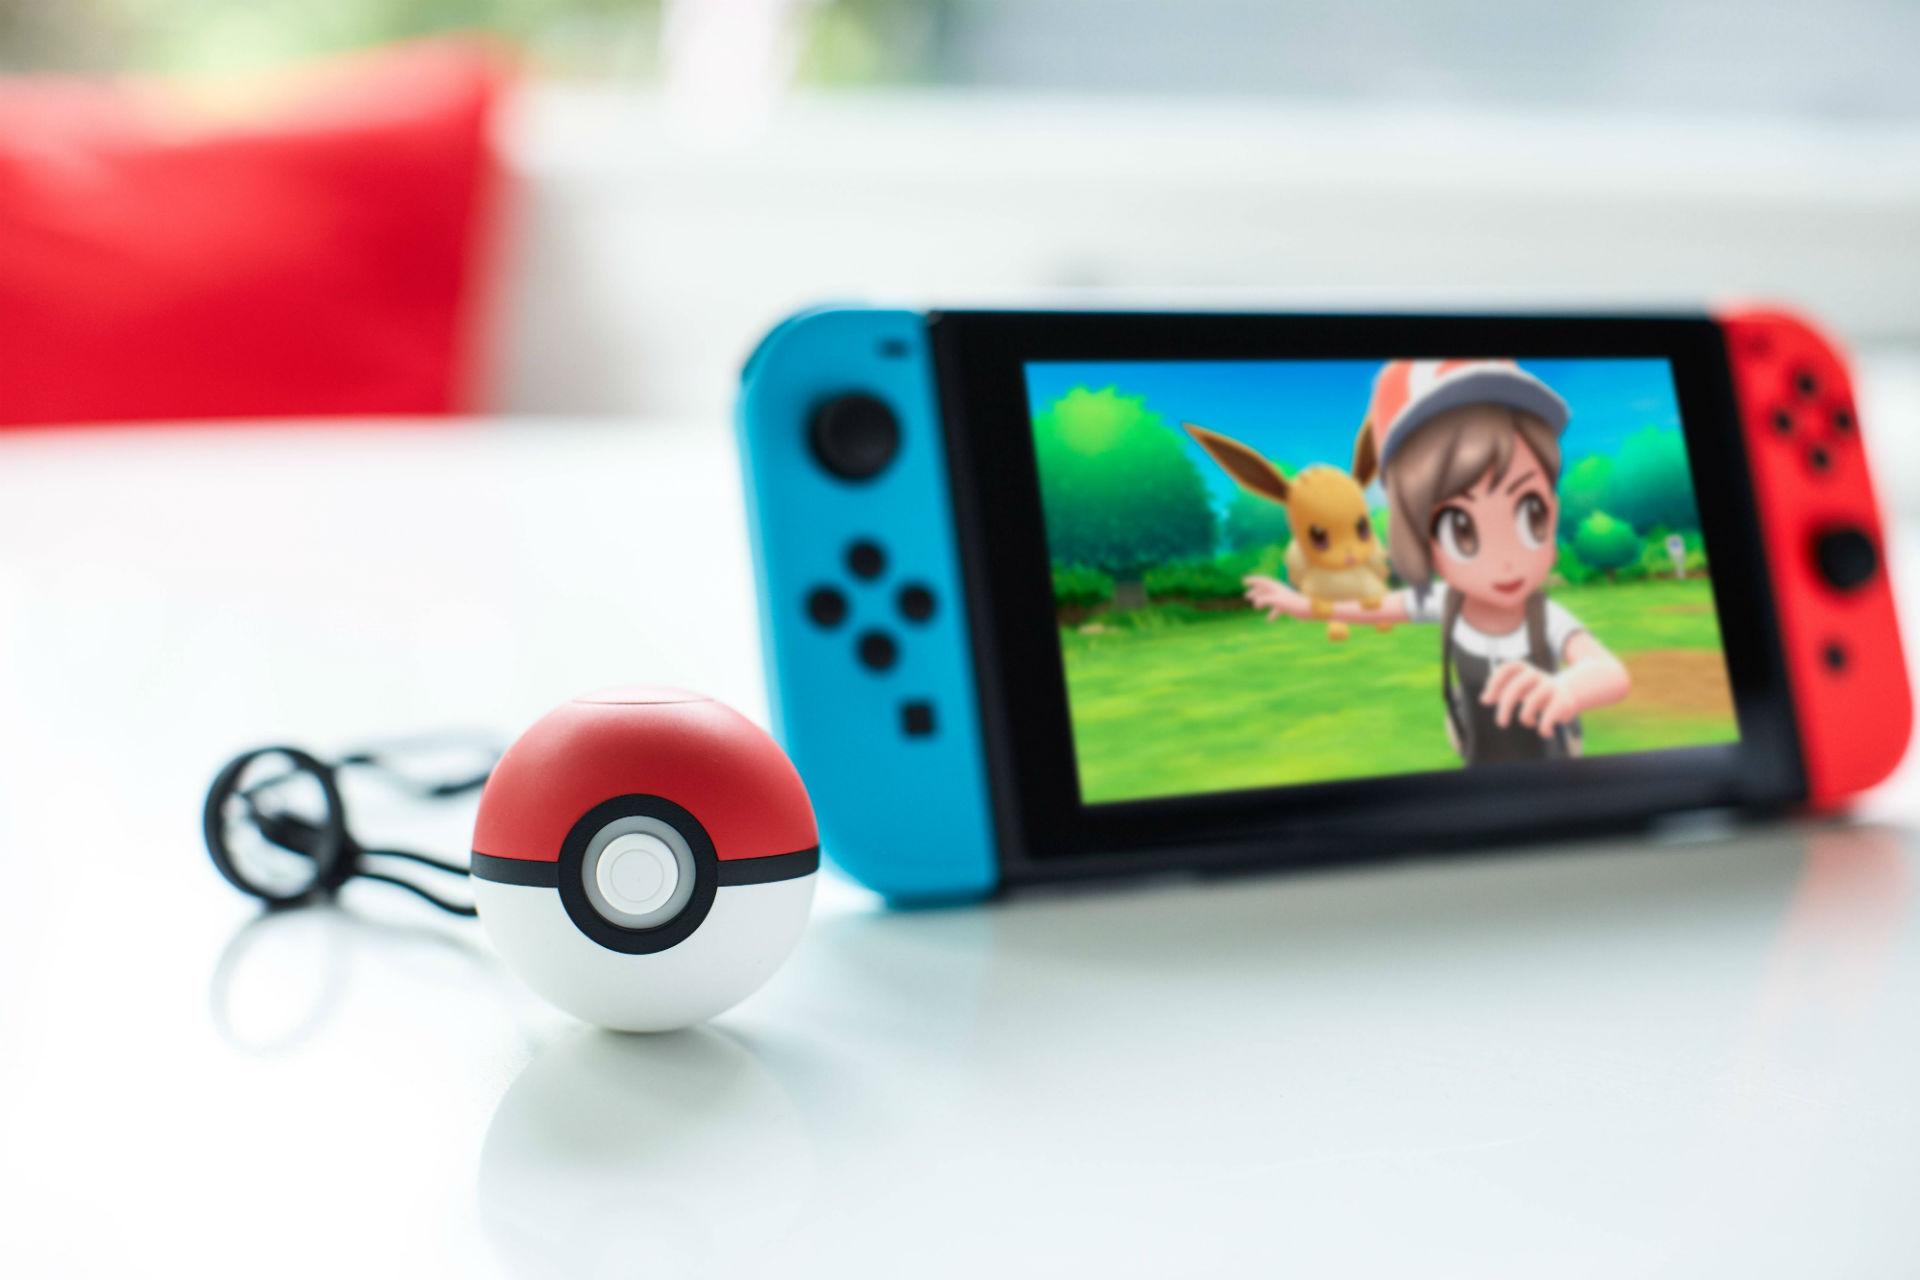 Pokémon Nintendo Switch 2019